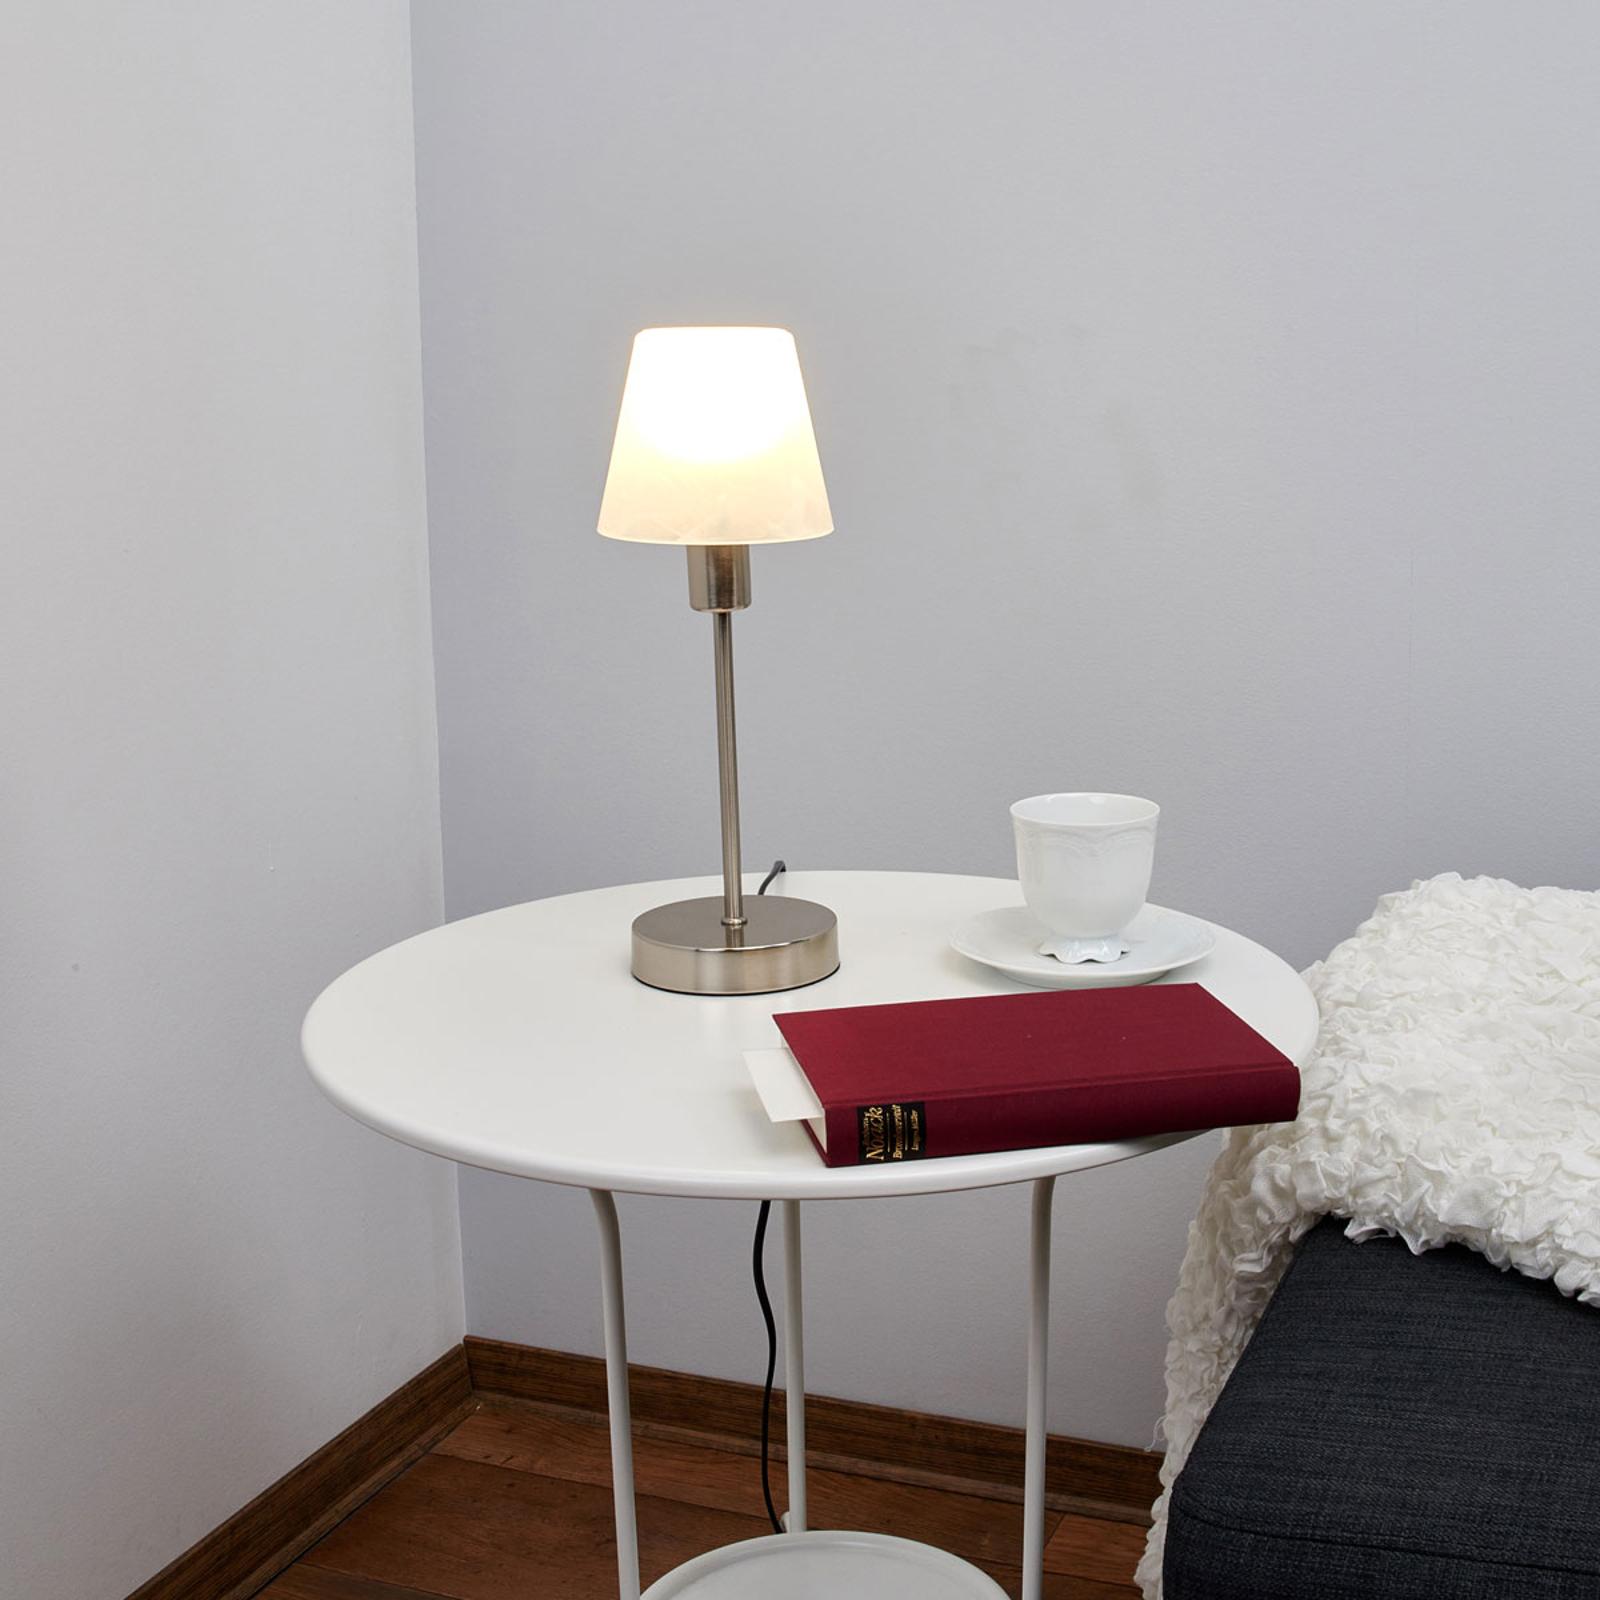 Lampe de chevet LED Avarin